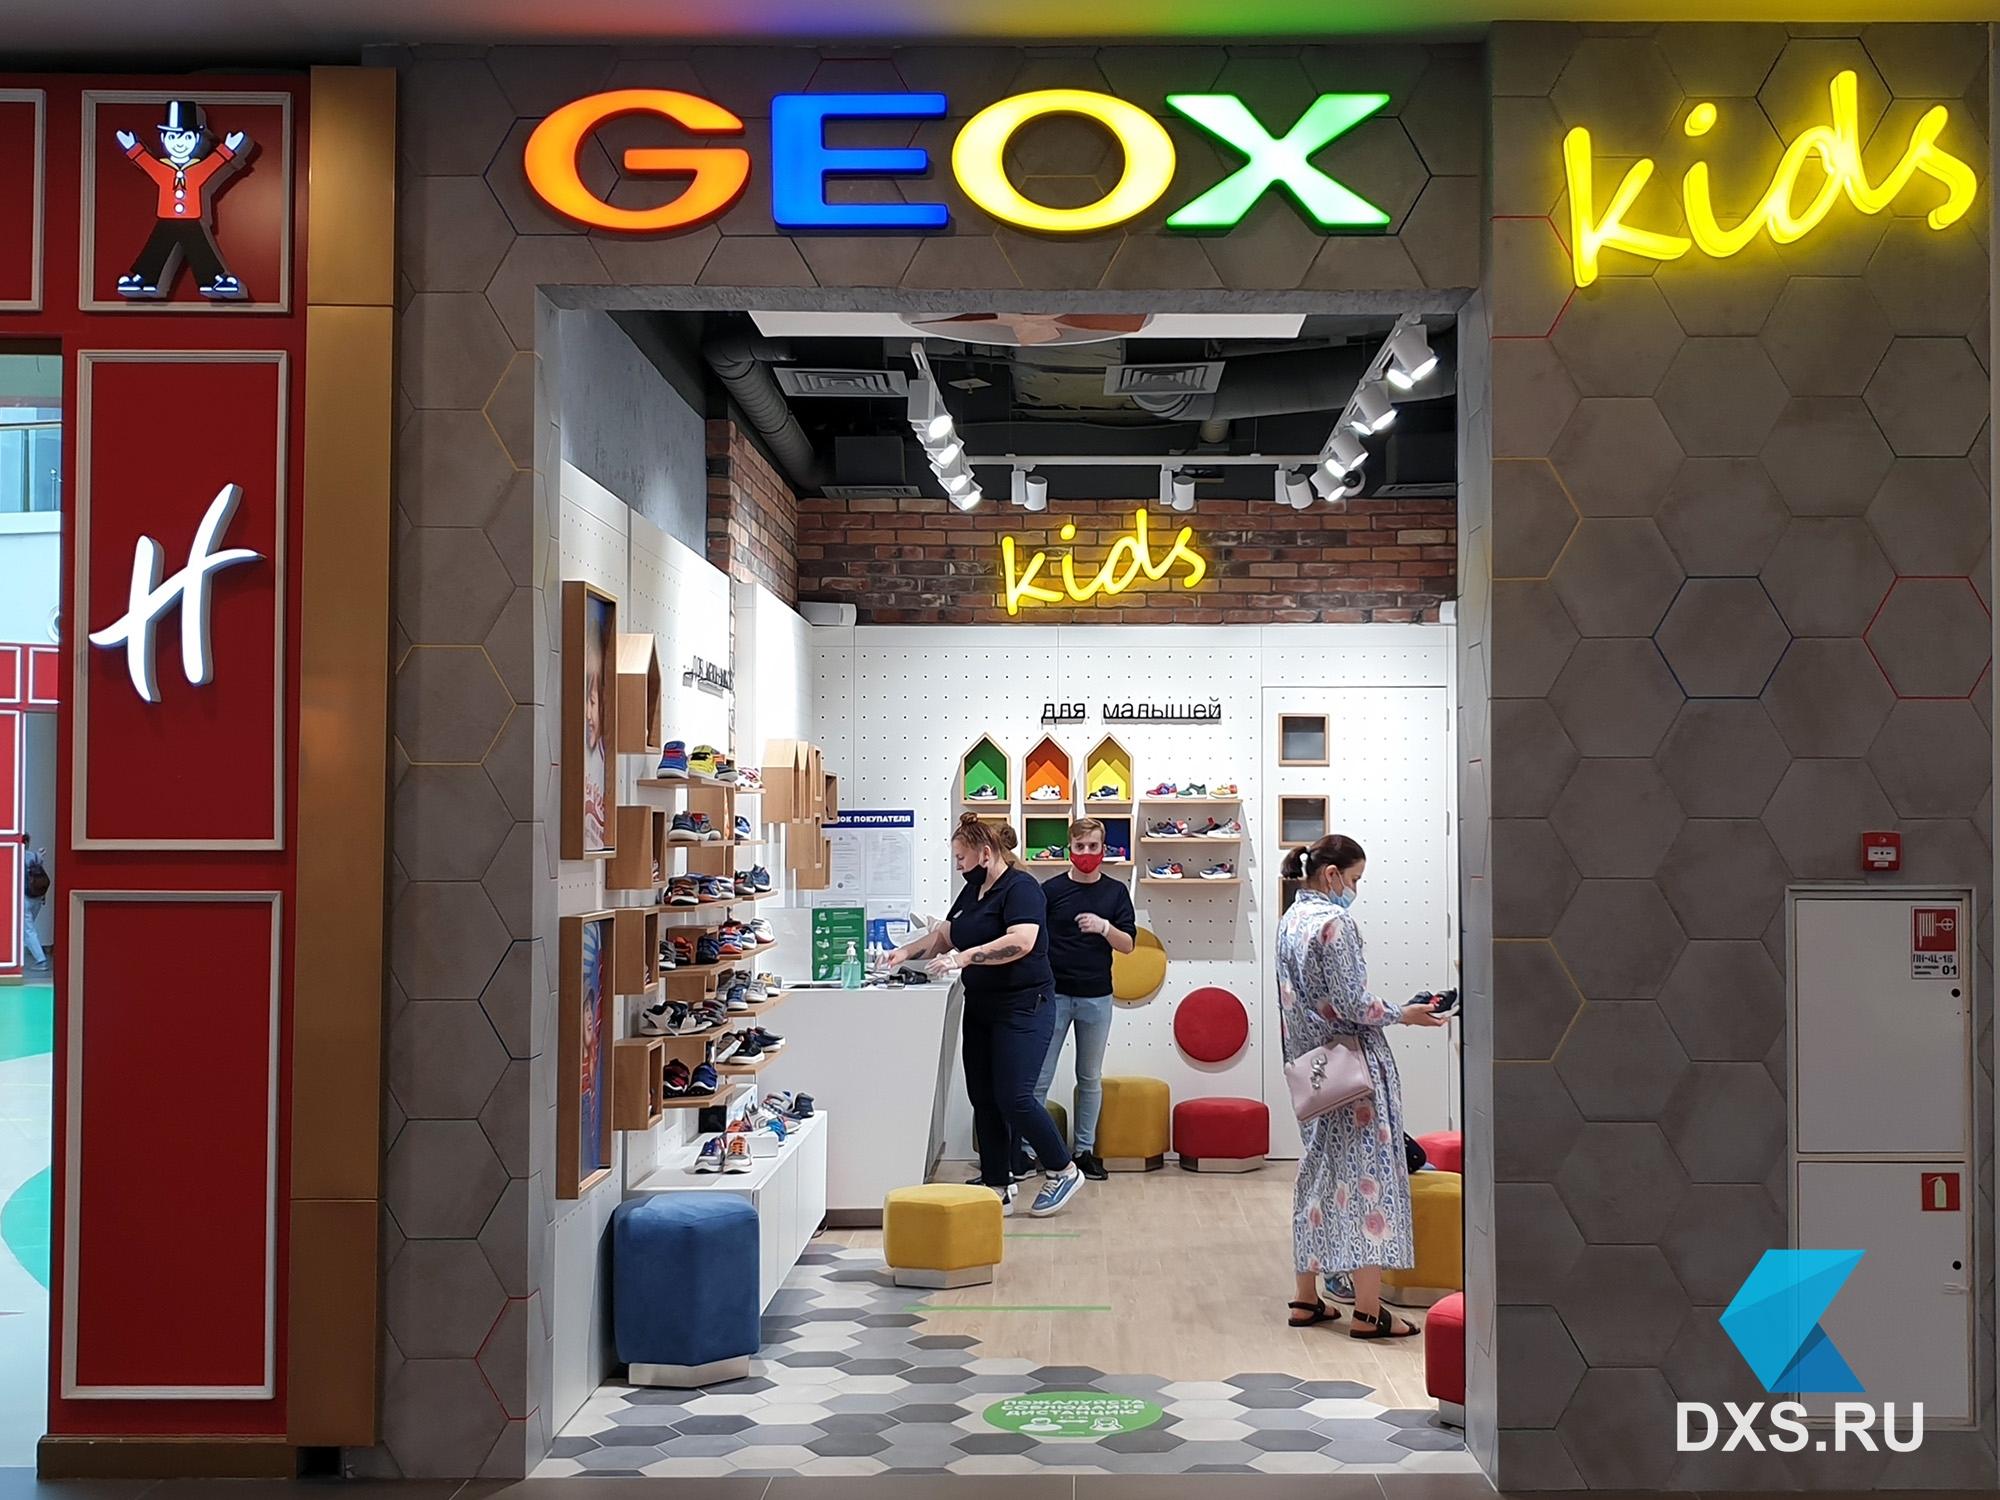 GEOX Kids Галерея Спб - Динамика Сервис - управление проектами открытия магазинов. Дизайн, комплексное архитектурное и инженерное проектирование. Строительство и оснащение магазинов, бутиков, кафе и ресторанов «под ключ». Сервисное обслуживание.